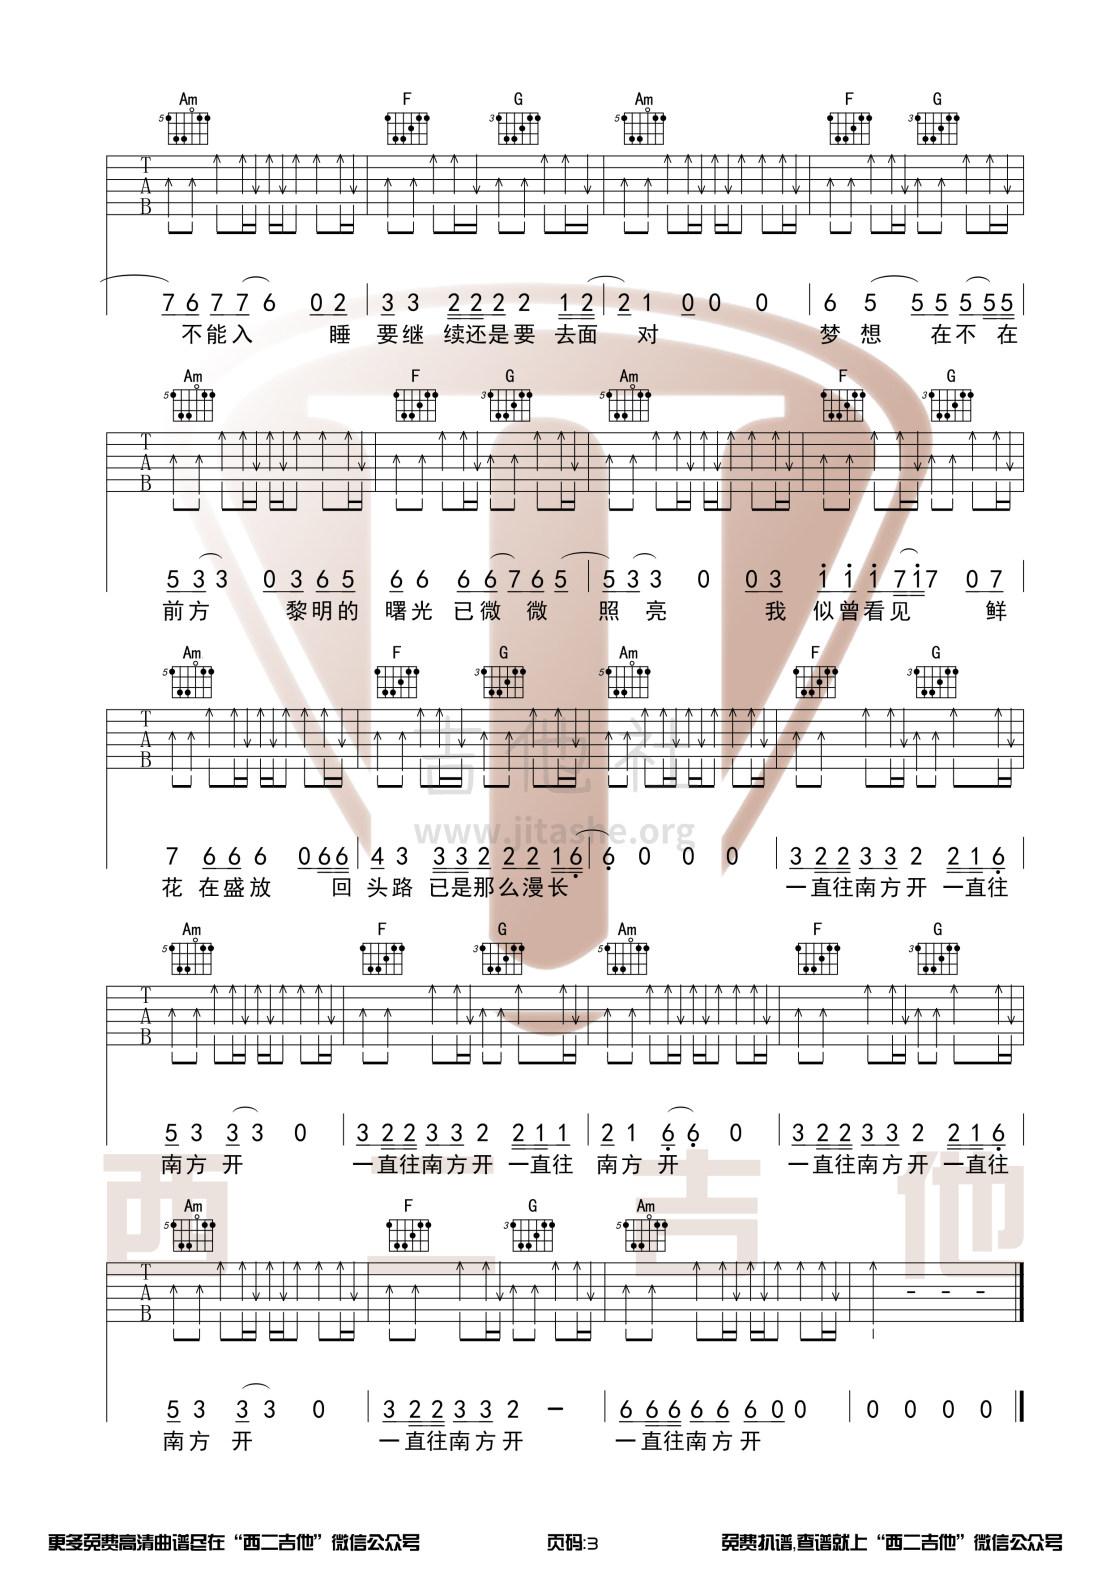 公路之歌(原版吉他谱+演奏视频 西二吉他)吉他谱(图片谱,弹唱,C调)_痛苦的信仰(痛仰)_公路之歌3.jpg